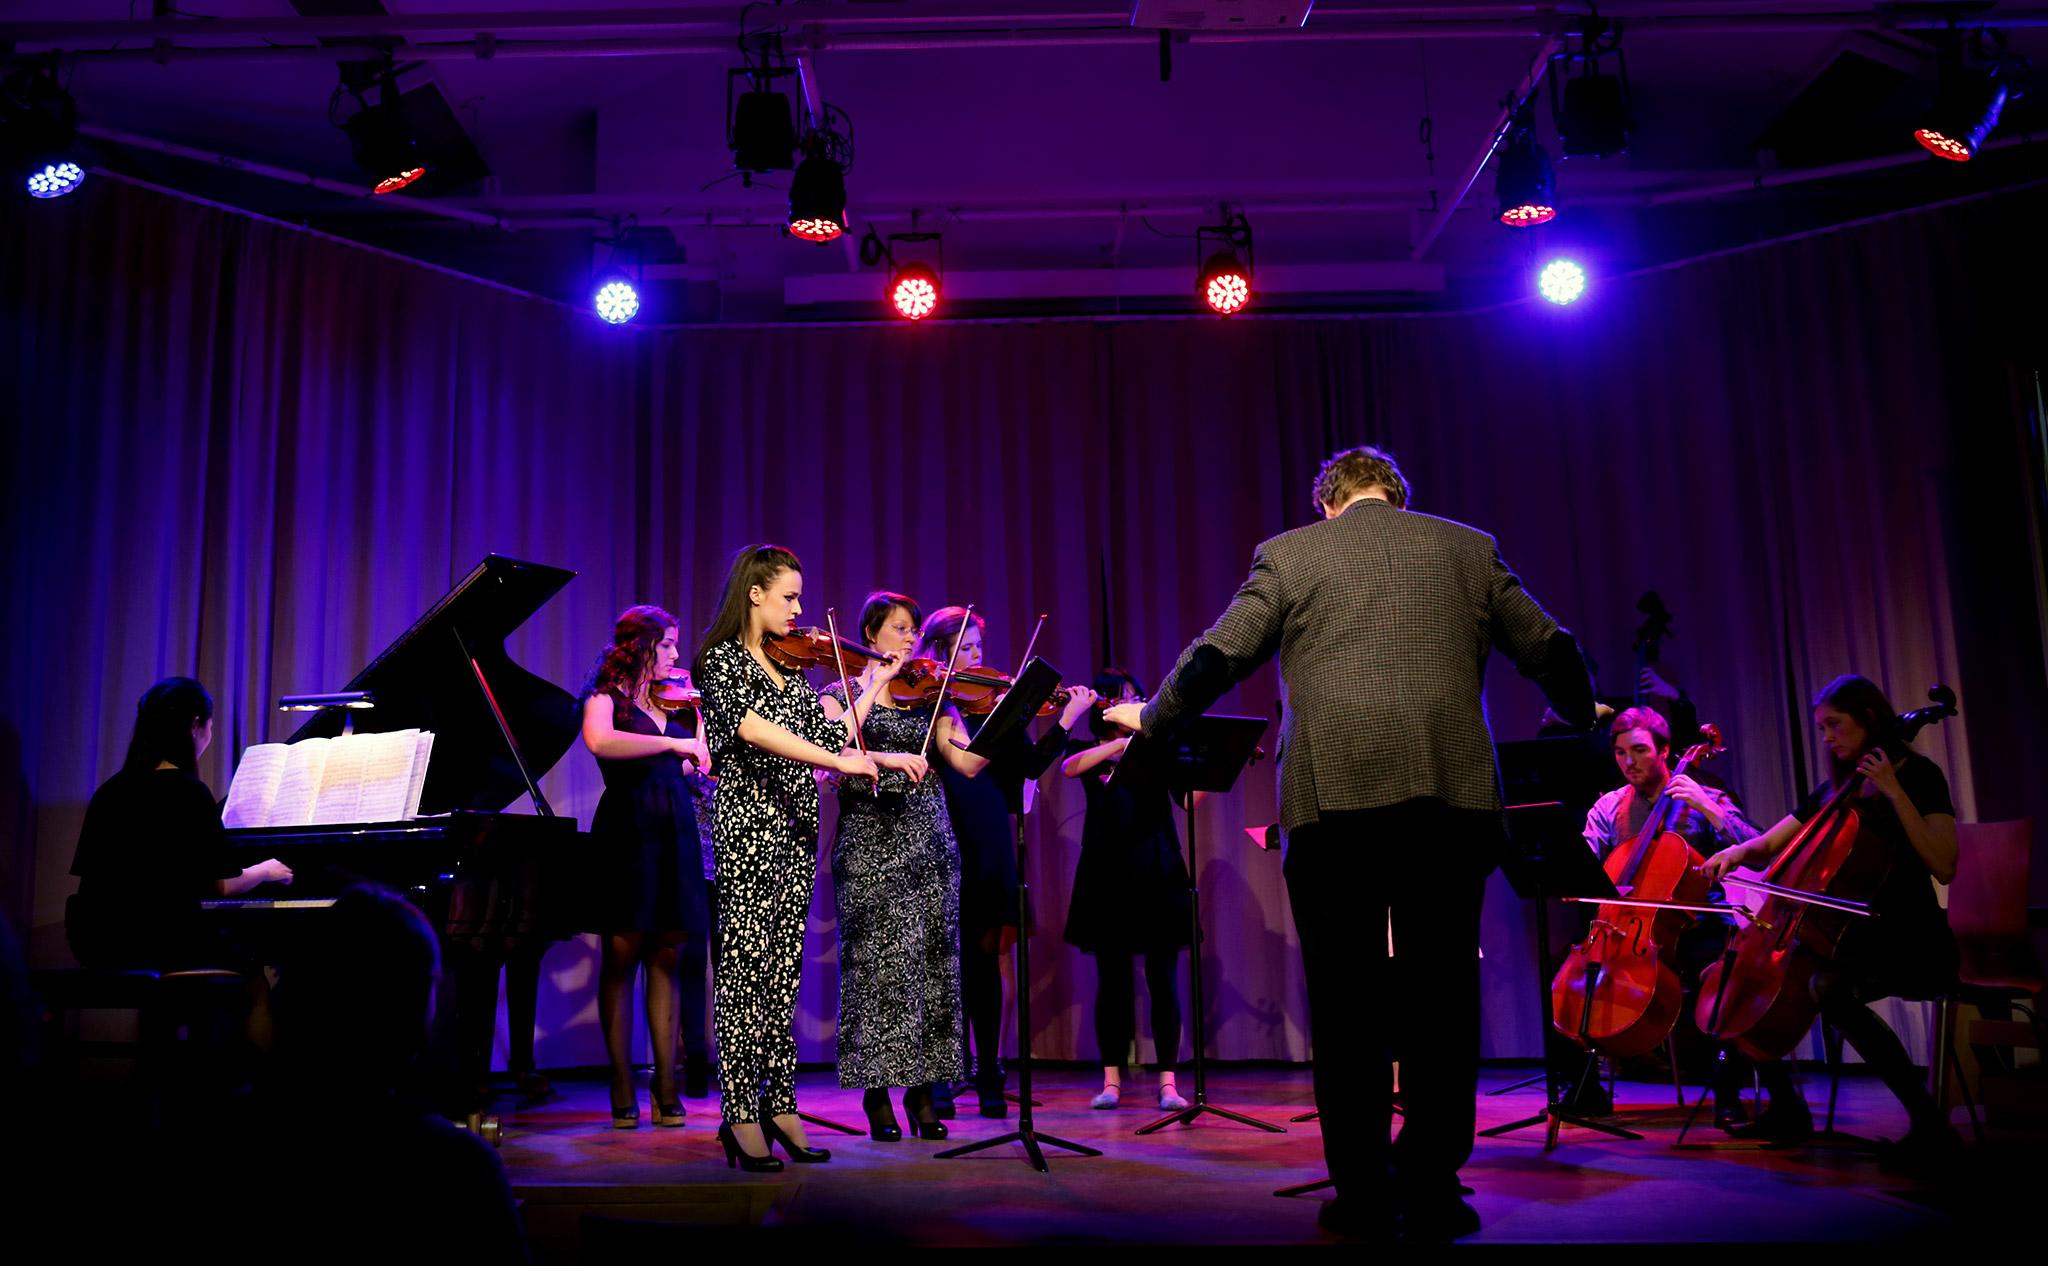 Orkester med elva deltagare. I förgrunden en dirigent. Till vänster solo-pianist.